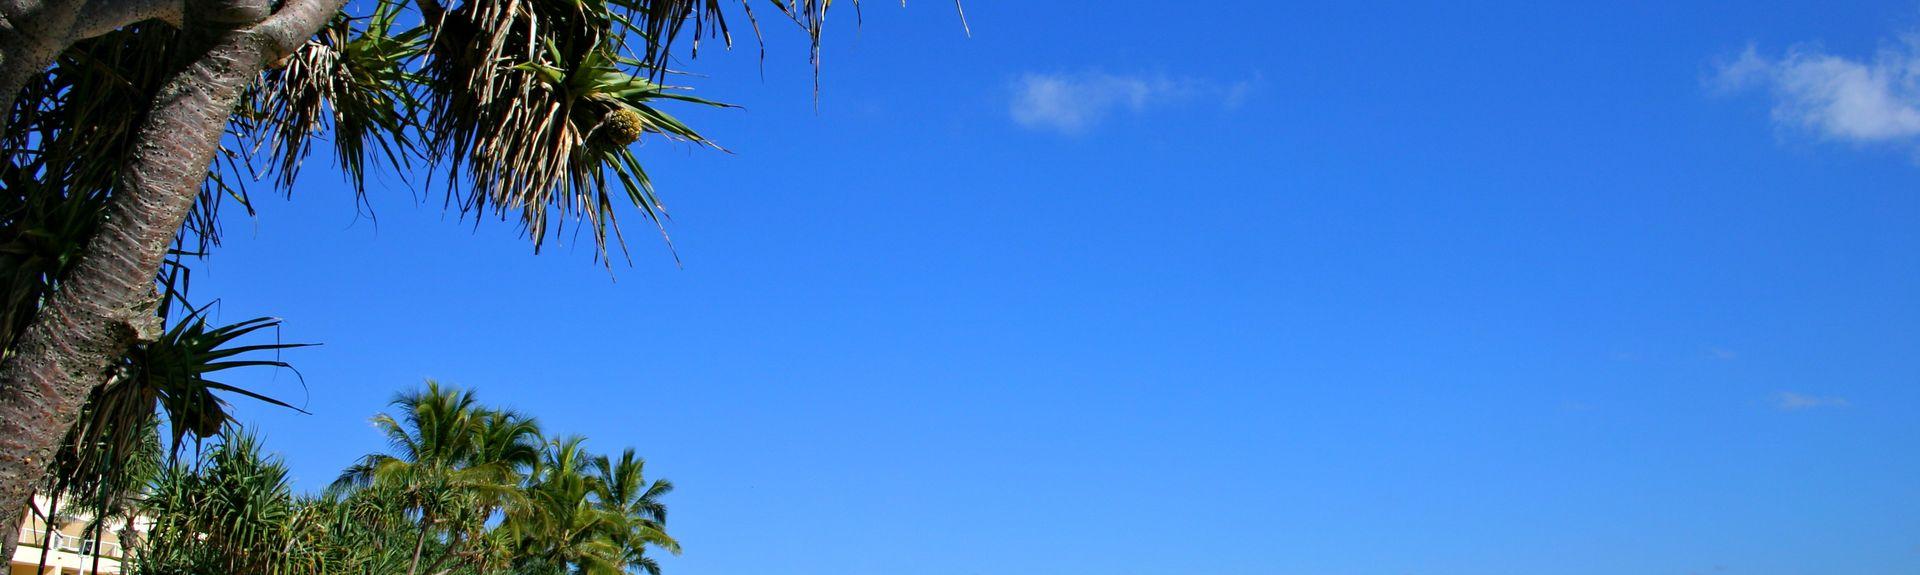 Noosaville, Sunshine Coast, Queensland, Australia